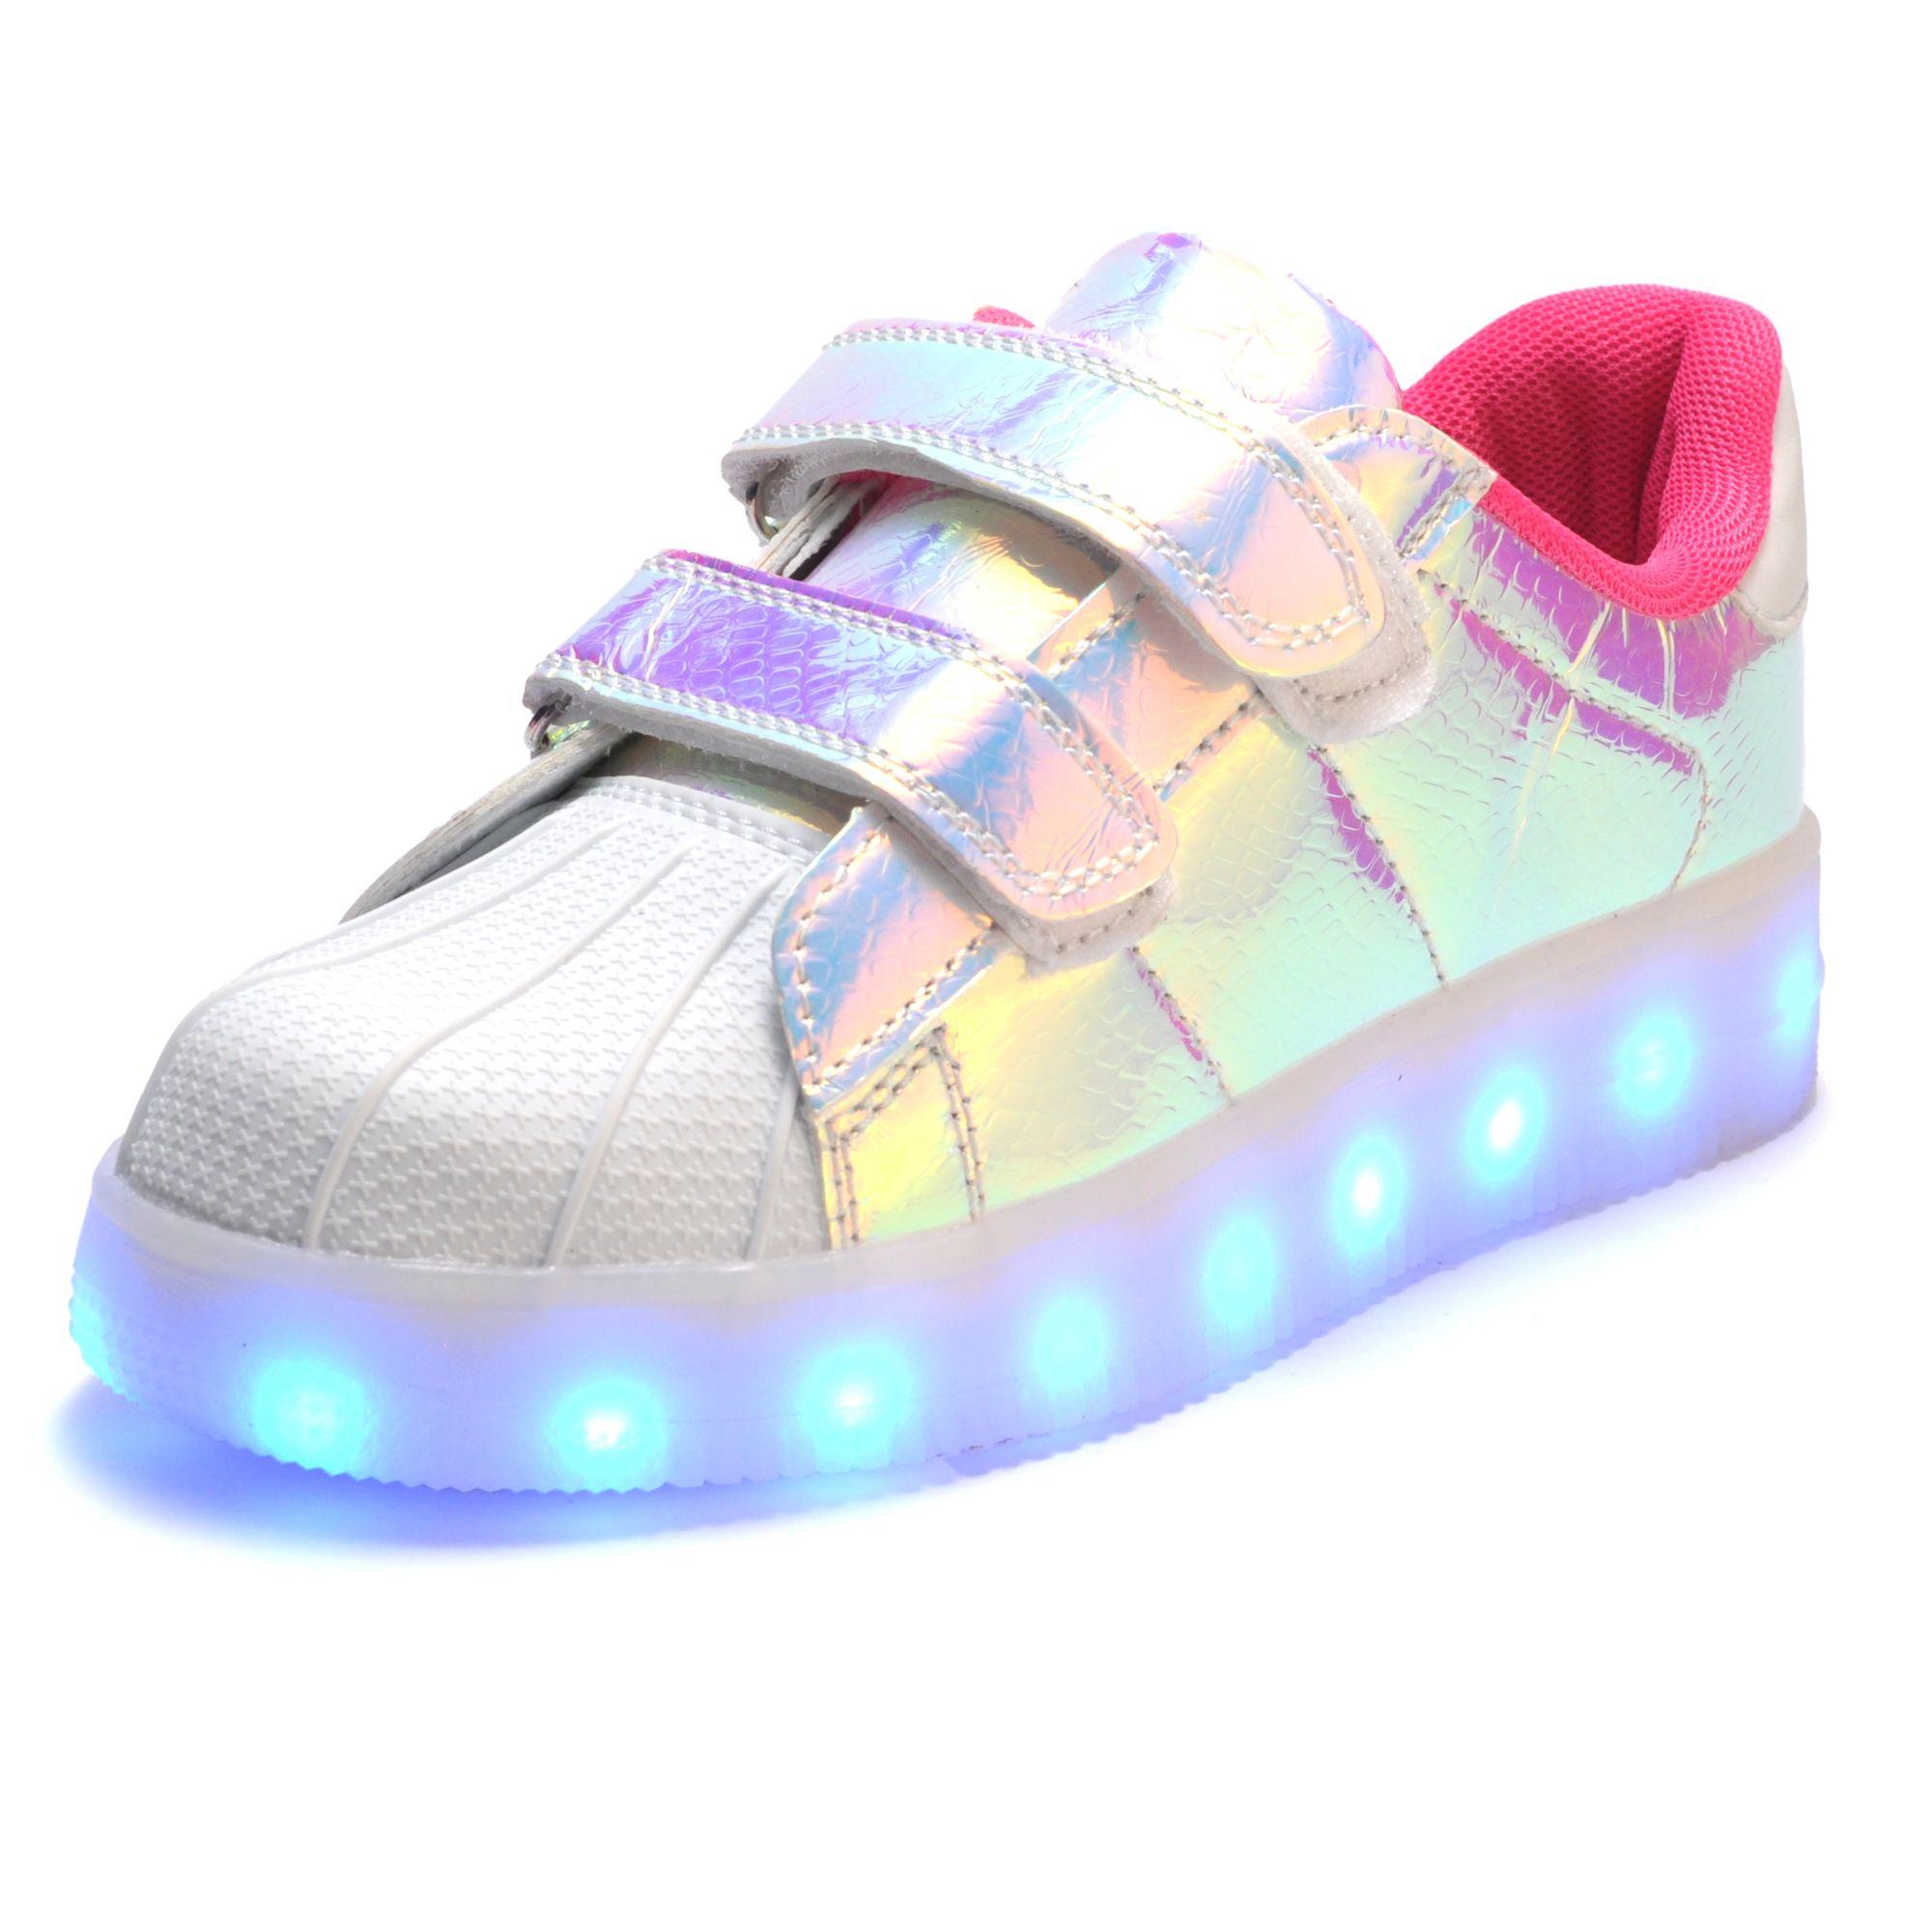 08b66a93359 Goedkope 2017 Hot Nieuwe Lente herfst Kids Sneakers Mode Lichtgevende  Verlichte Kleurrijke led verlichting Kinderen Schoenen